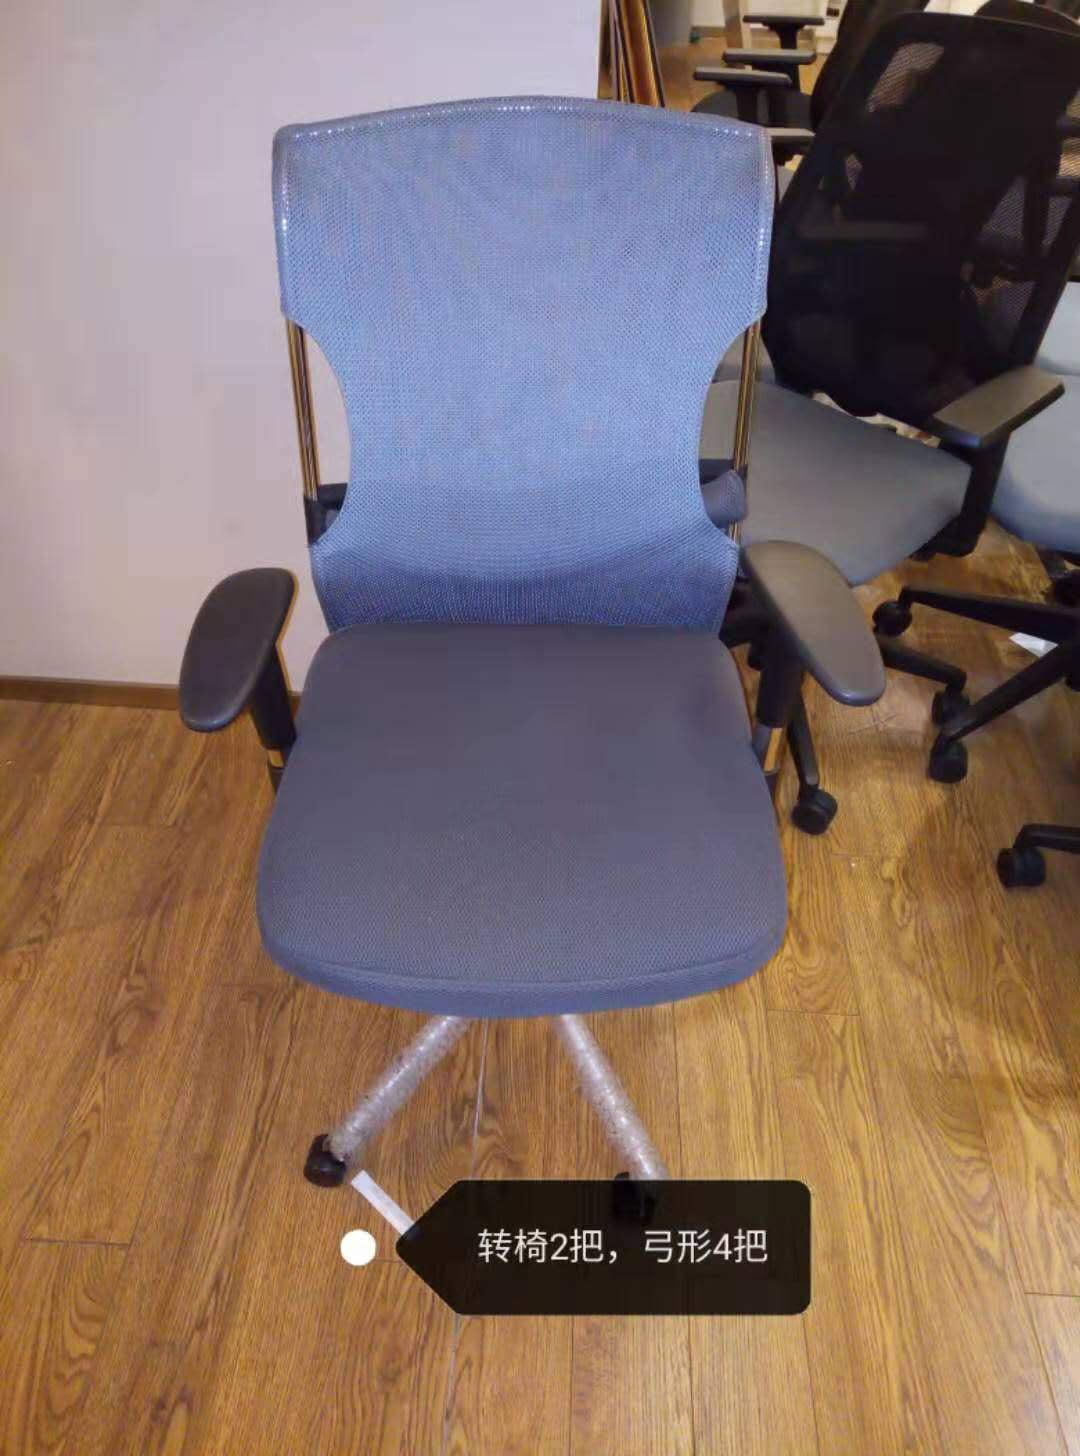 普陀区批发二手办公椅回收厂家